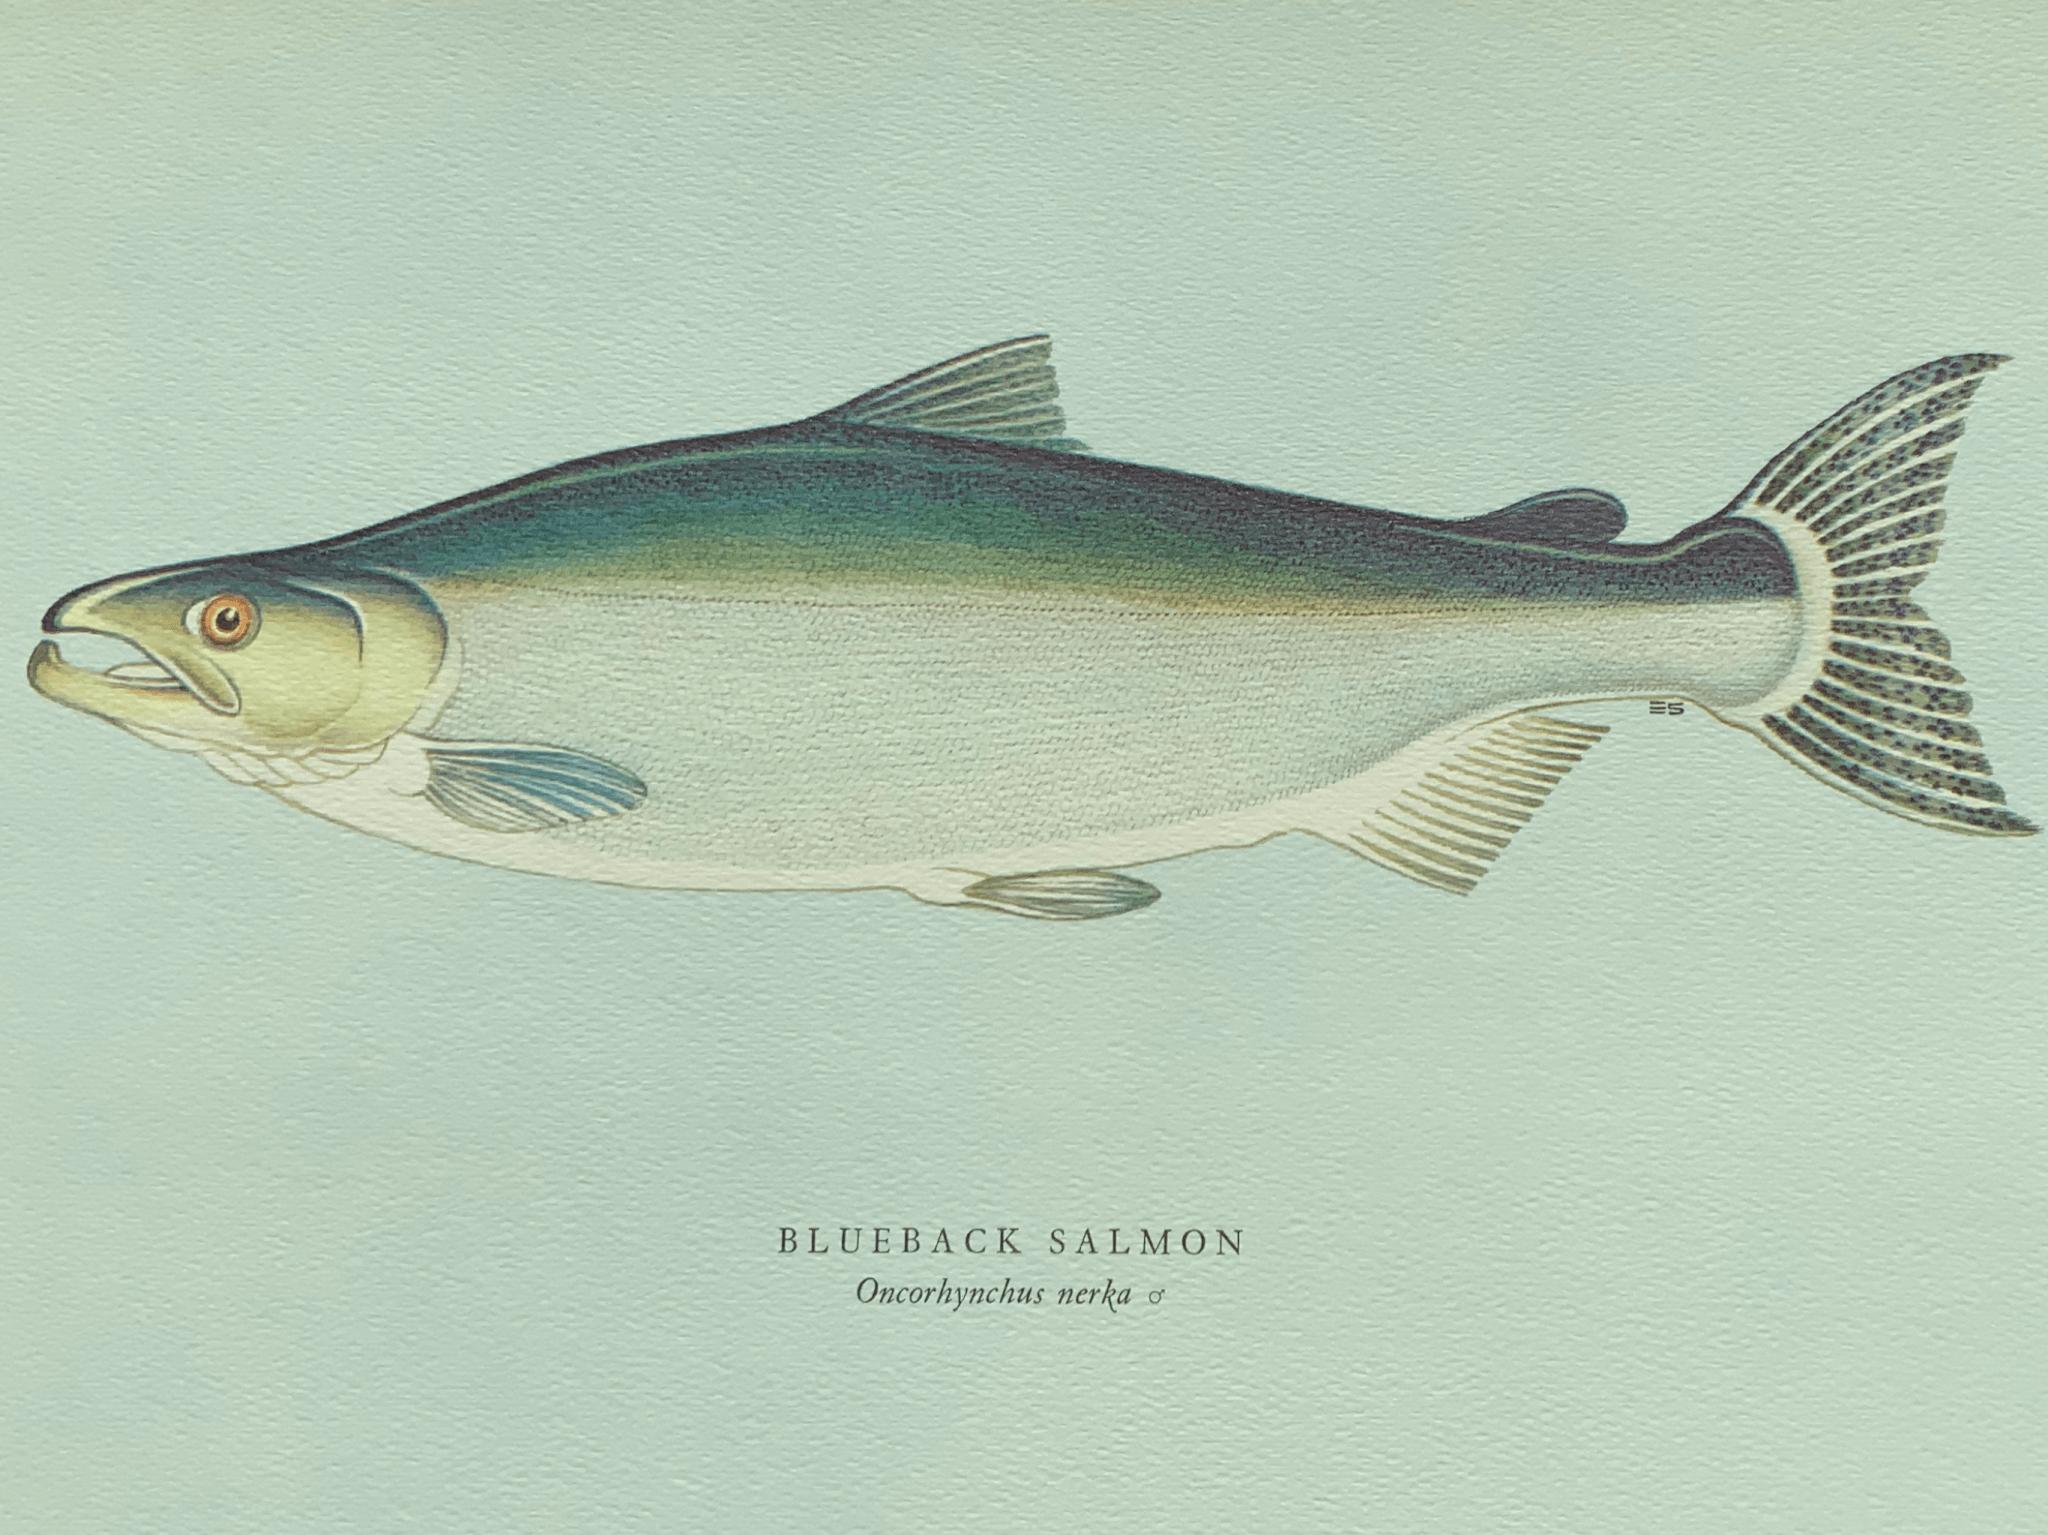 Blueback salmon 藍背鮭魚 顧名思義,這鮭魚背部深藍而帶一點綠,腹部銀白。 從北海道到南加州都有牠們的蹤迹。 一般重五至七磅;肉色明麗,肉質肥美,肉味細膩。